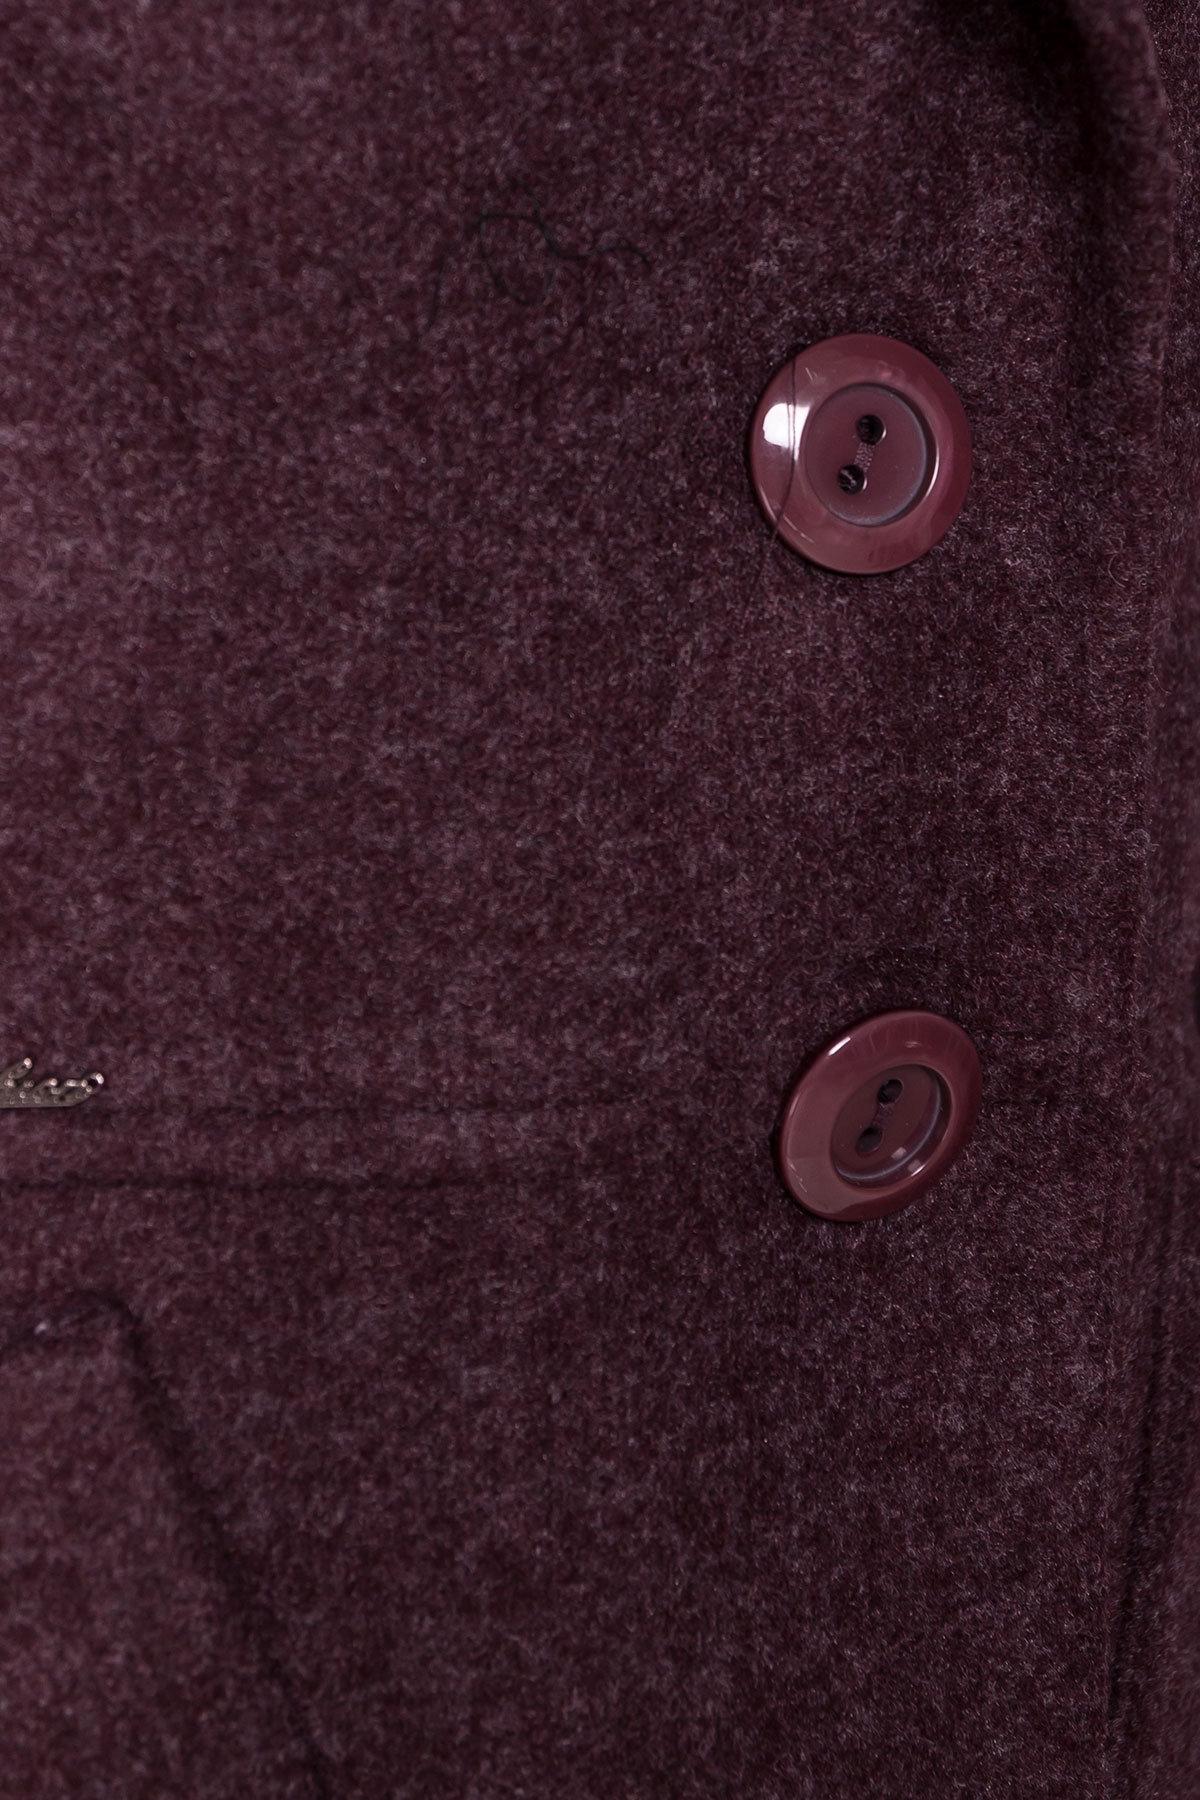 Пальто на весну-осень Габриэлла 4459 Цвет: Марсала